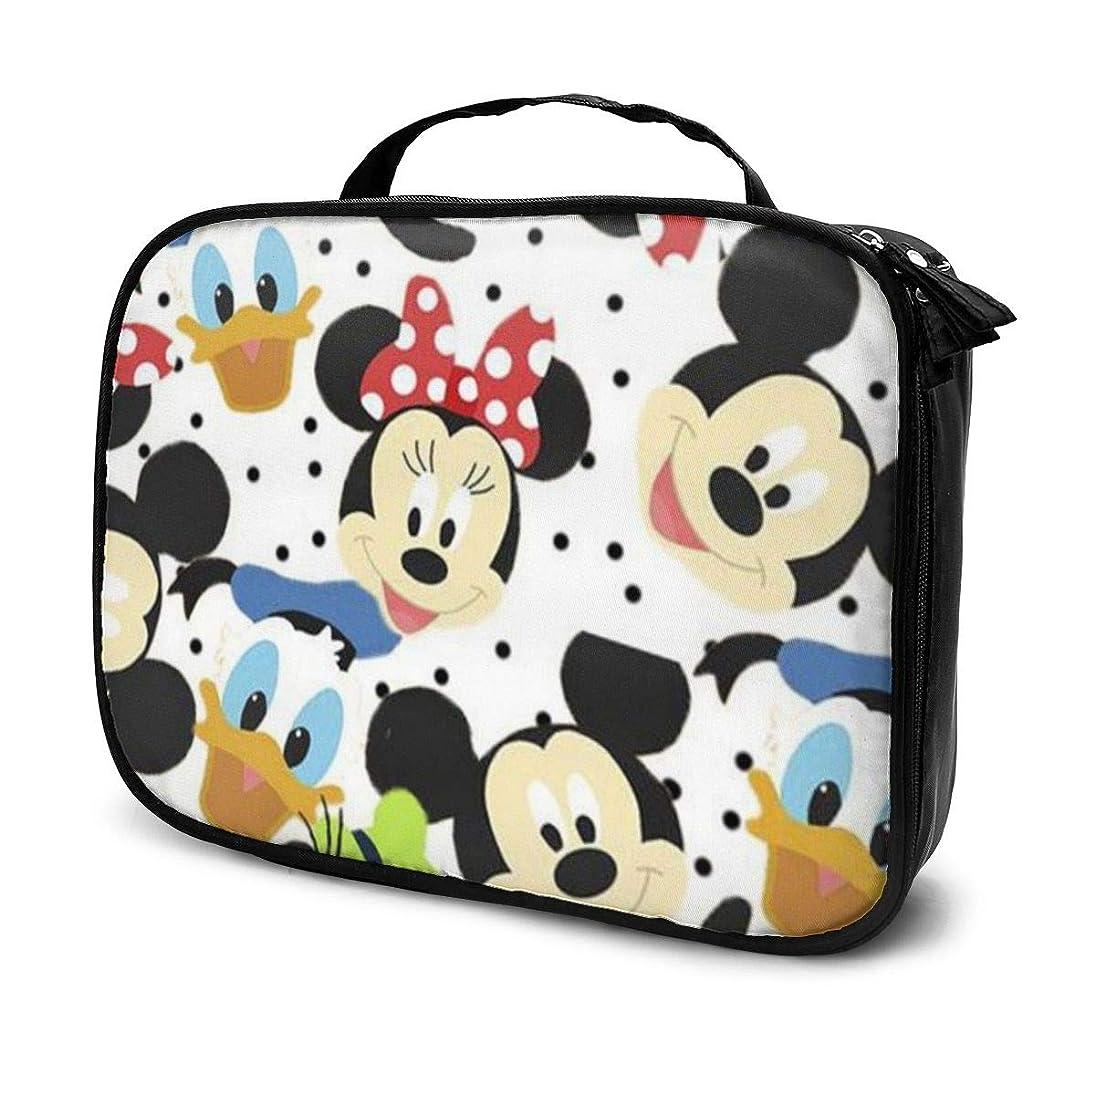 平均スクラッチブラザーDaitu漫画ミッキー 化粧品袋の女性旅行バッグ収納大容量防水アクセサリー旅行